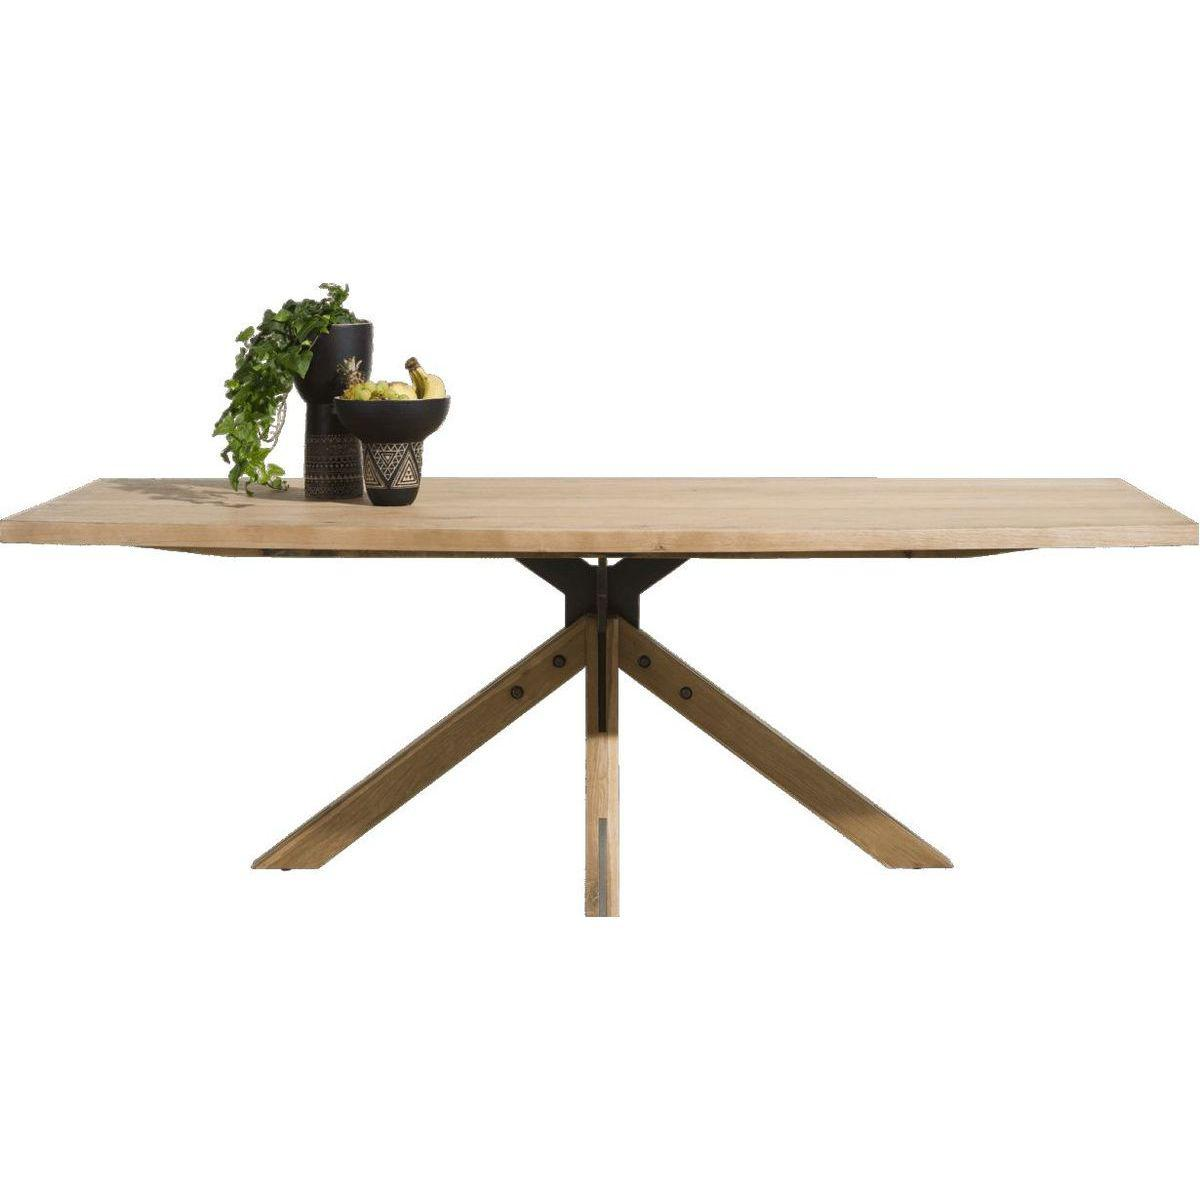 Table fixe JARDINO Henders & Hazel chêne 105x203cm